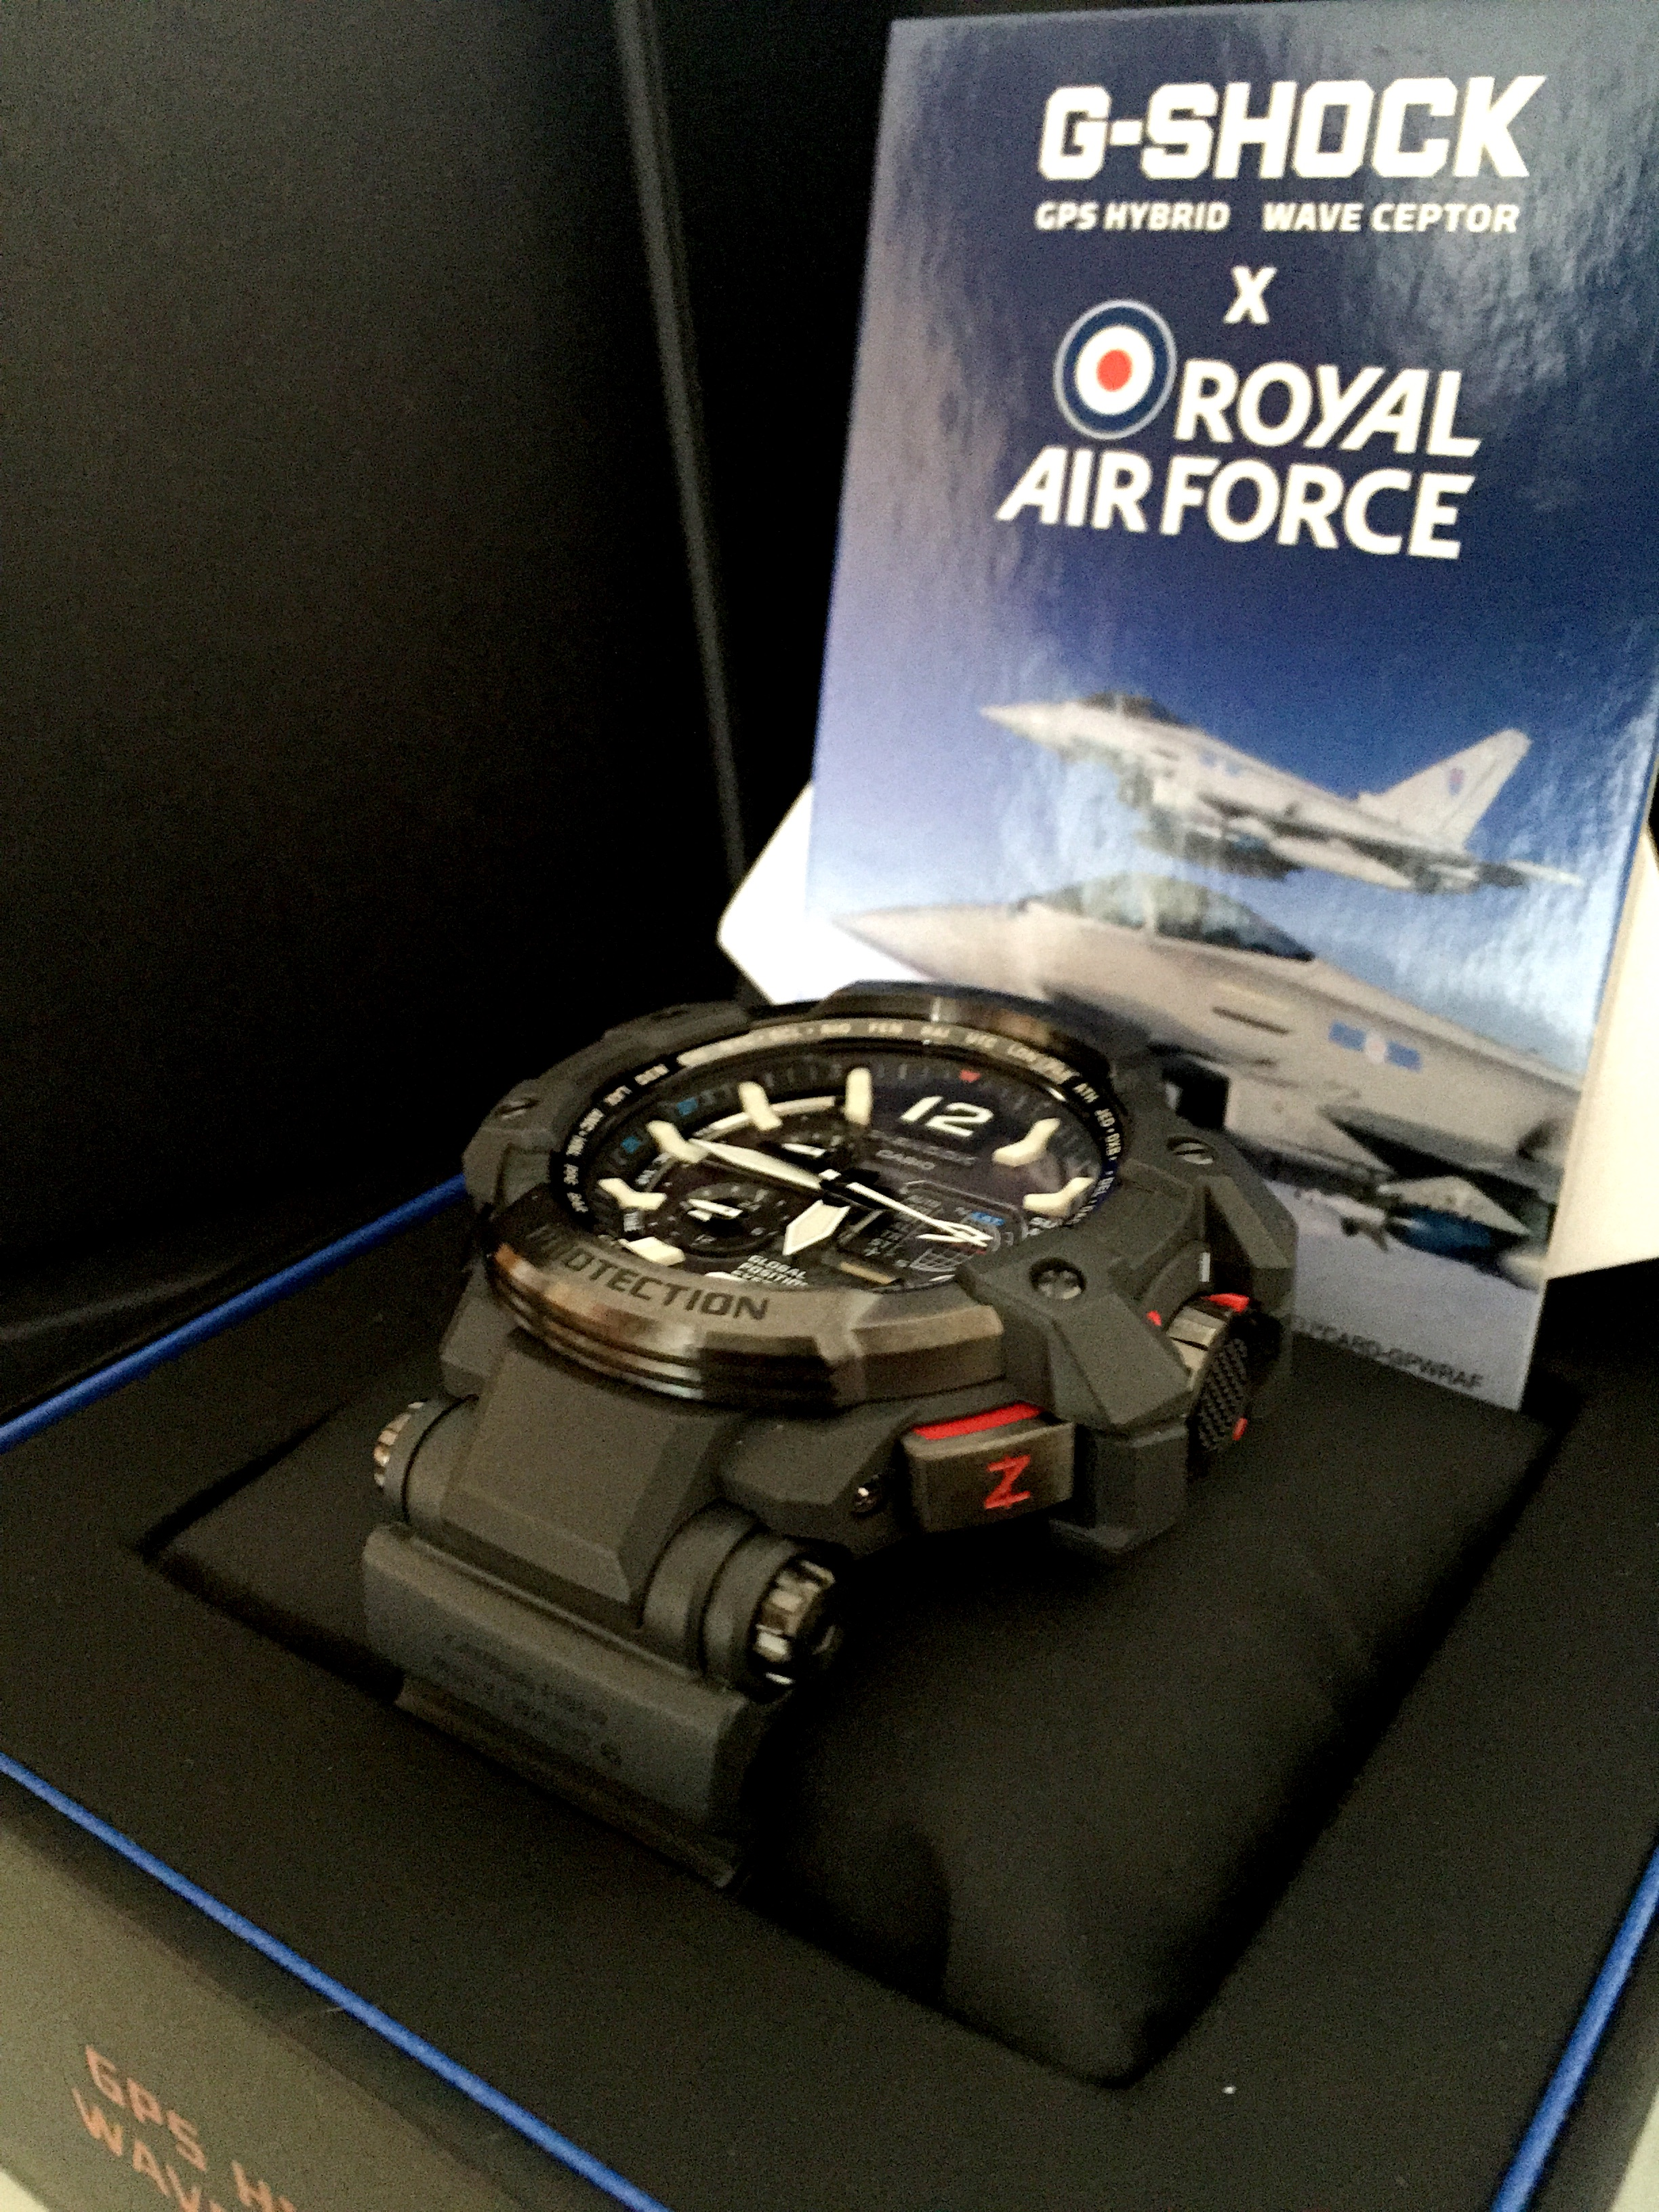 G-Shock x Royal Air Force GPW-1000RAF Watch G-Shock x Royal Air Force GPW-1000RAF Watch new images